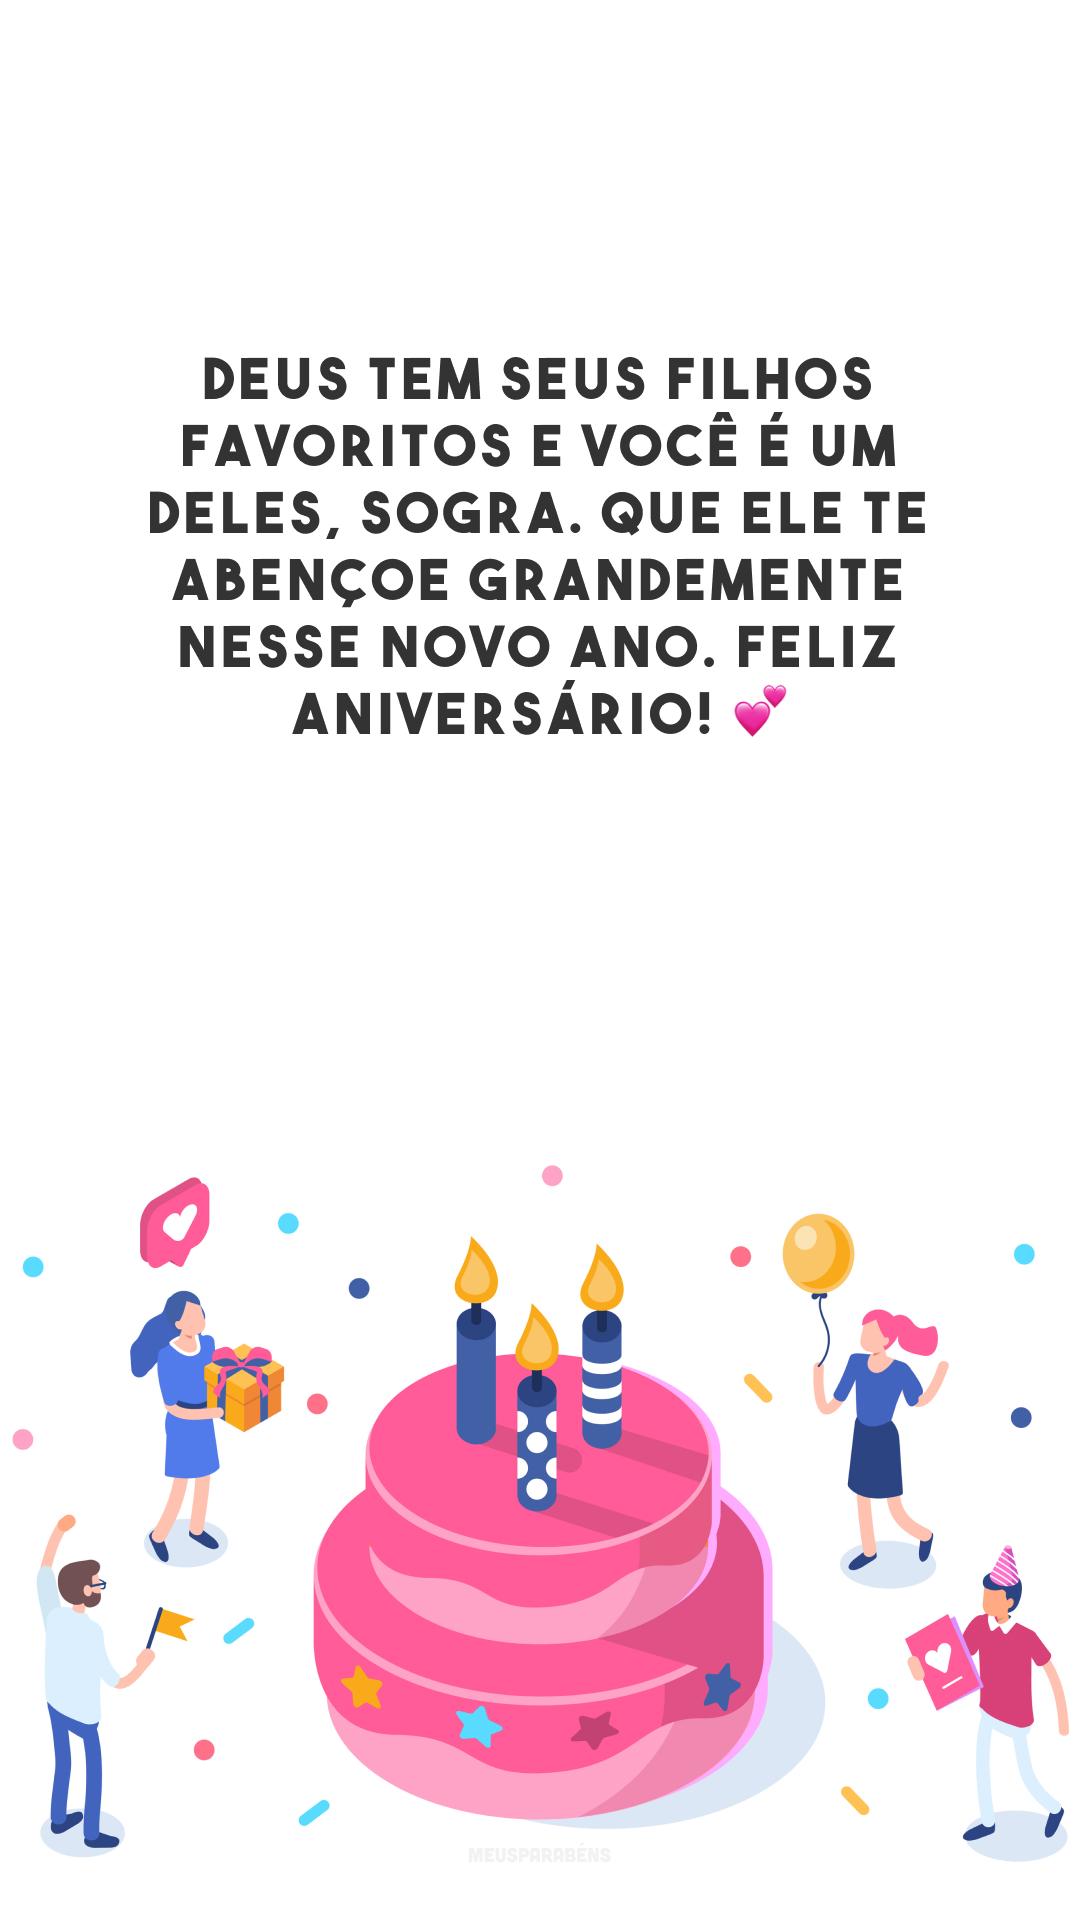 Deus tem seus filhos favoritos e você é um deles, sogra. Que Ele te abençoe grandemente nesse novo ano. Feliz aniversário! 💕